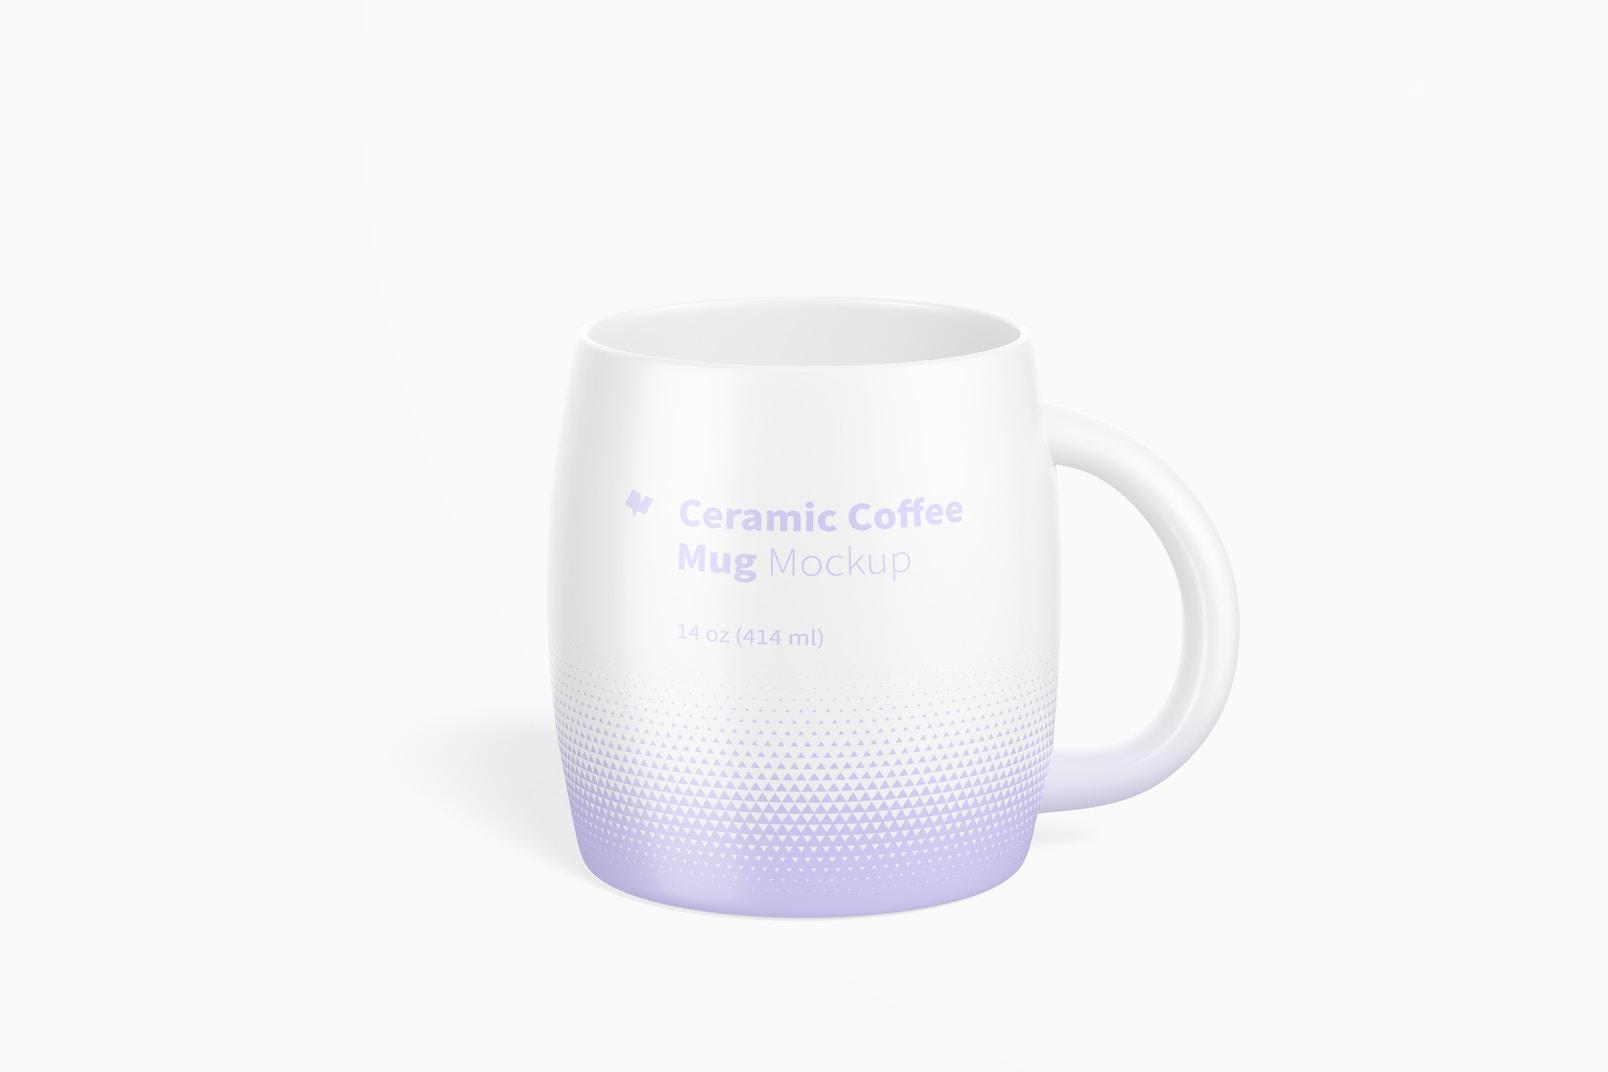 14 oz Ceramic Coffee Mug Mockup